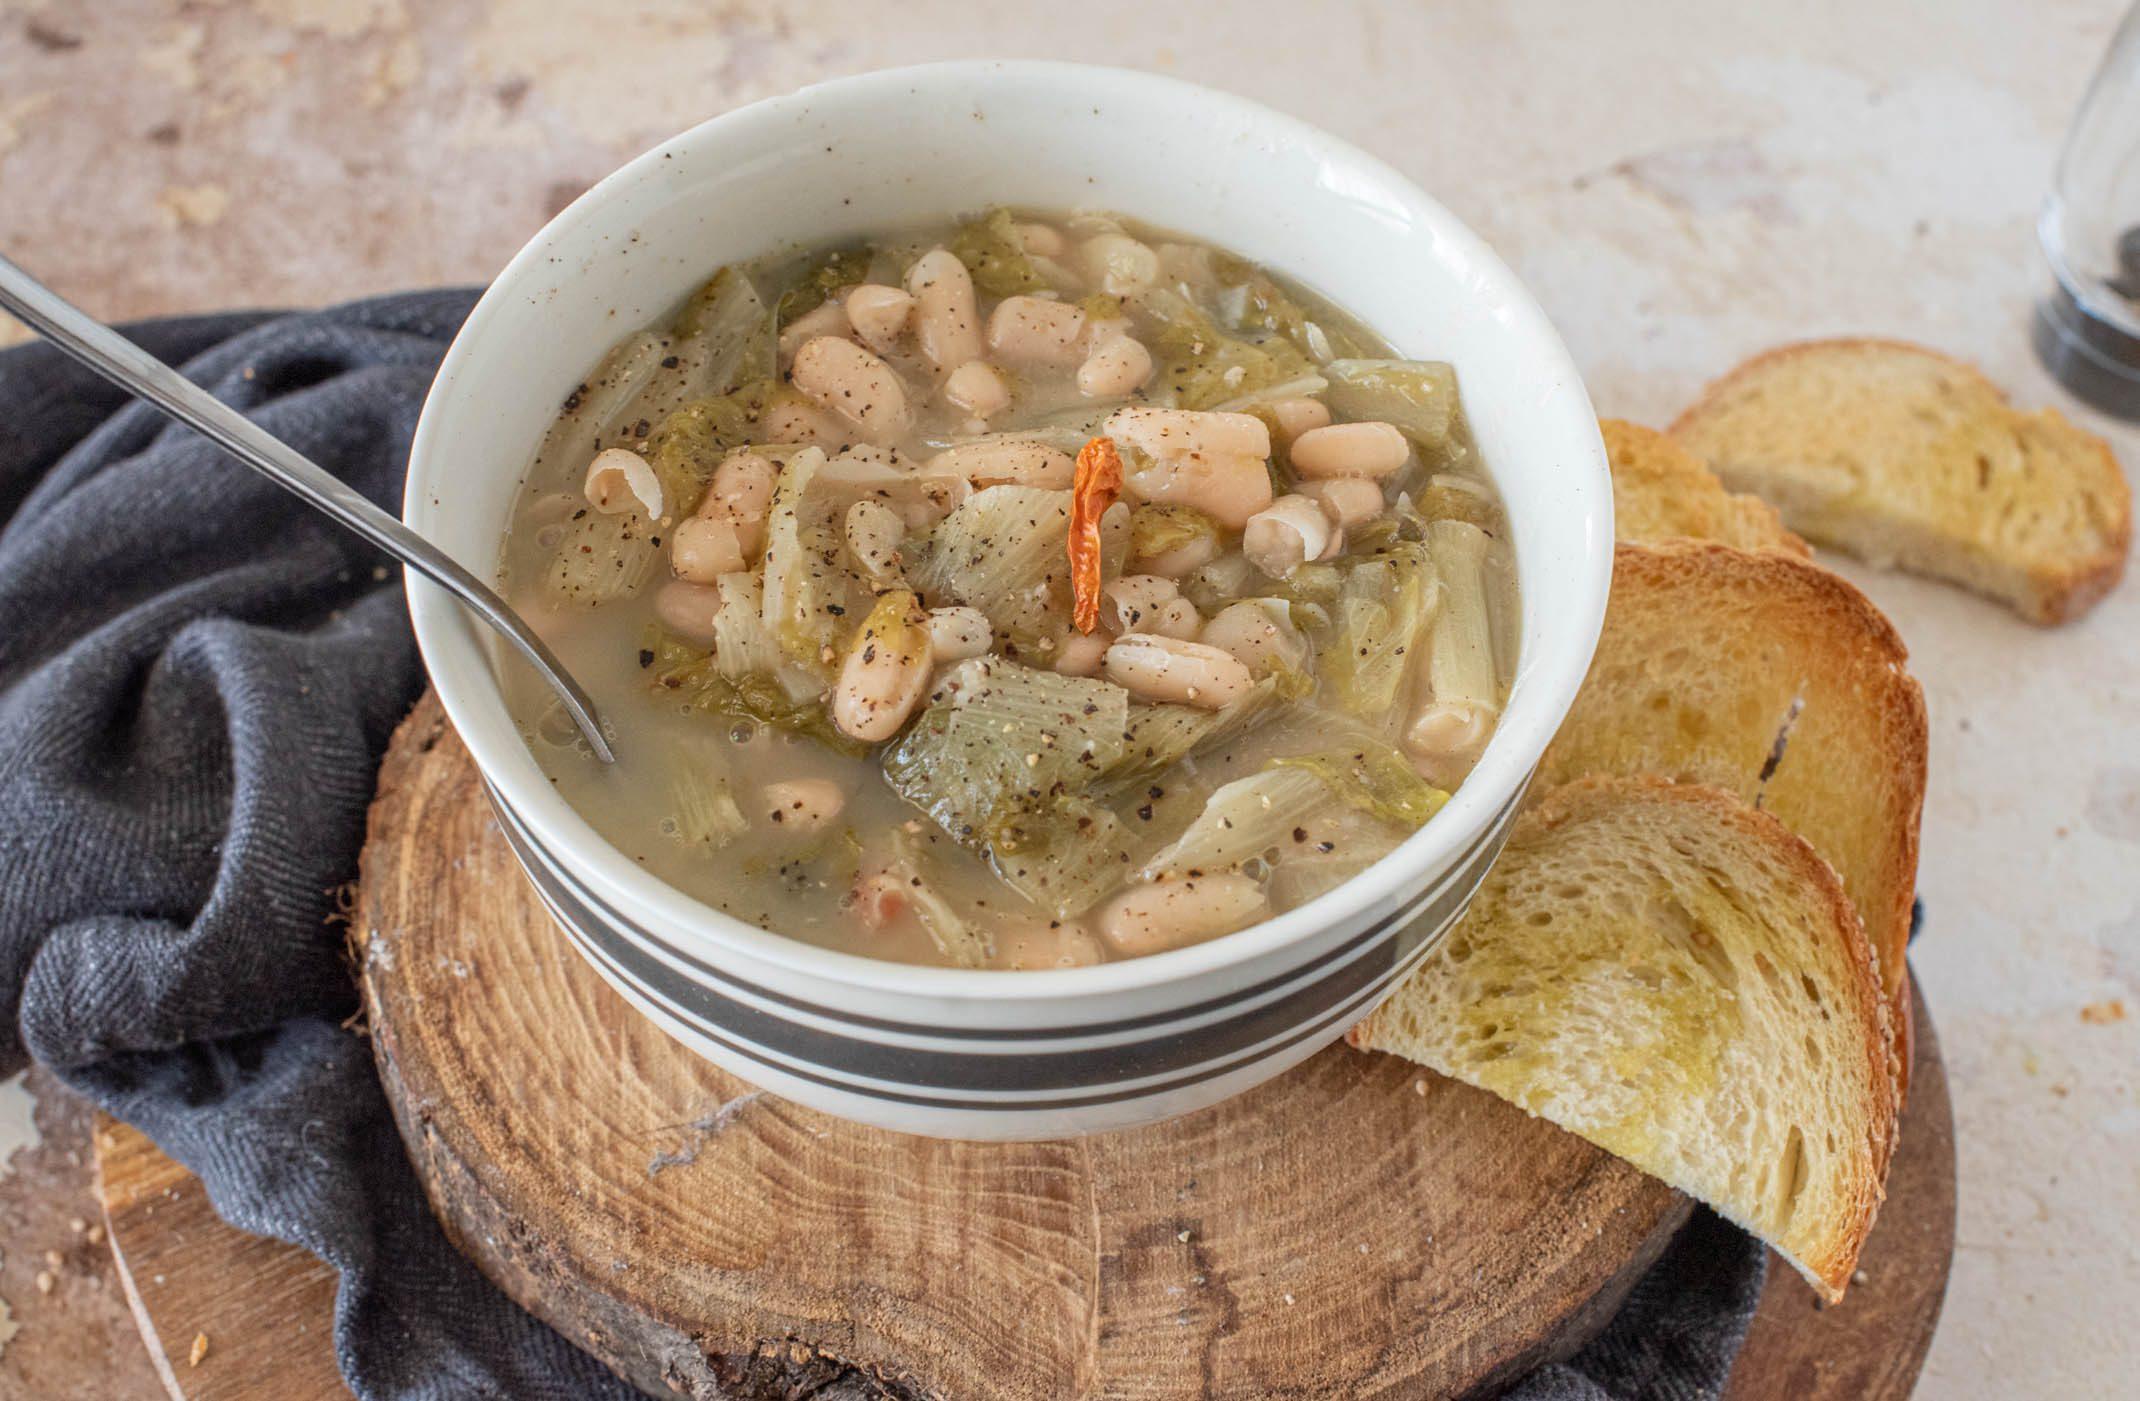 Fagioli e scarole: la ricetta napoletana della zuppa invernale per eccellenza